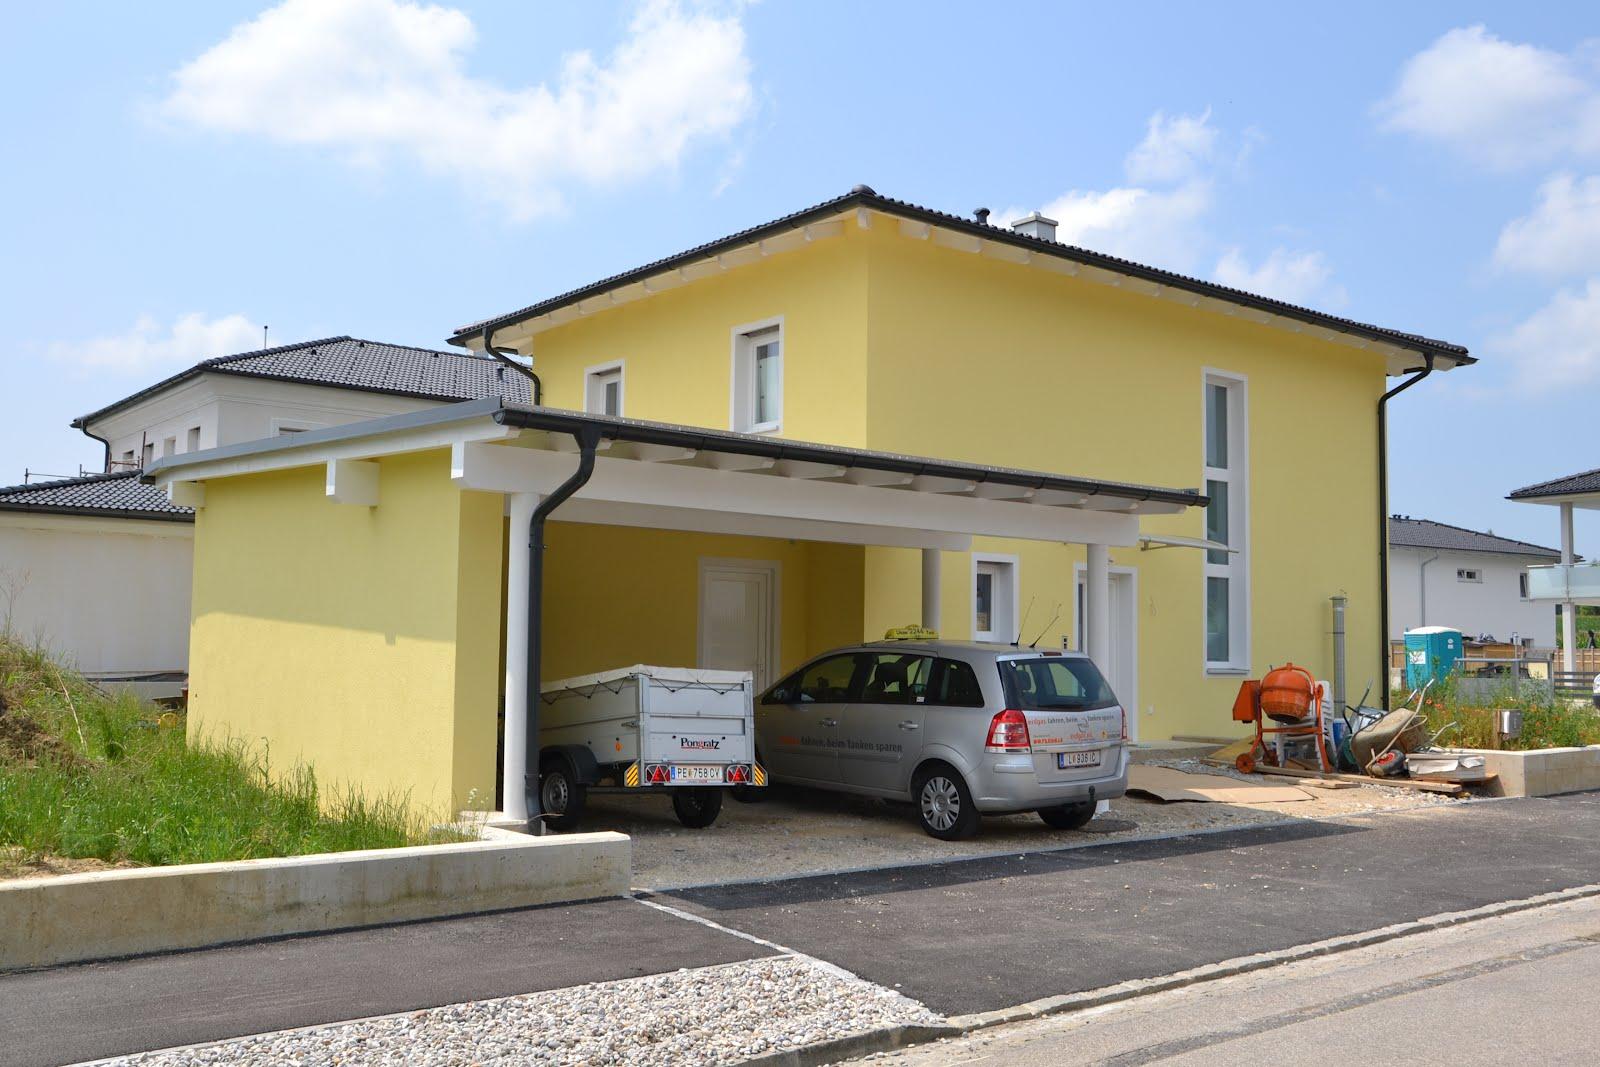 armin sarah bauen ein haus unser gelbes haus schon. Black Bedroom Furniture Sets. Home Design Ideas